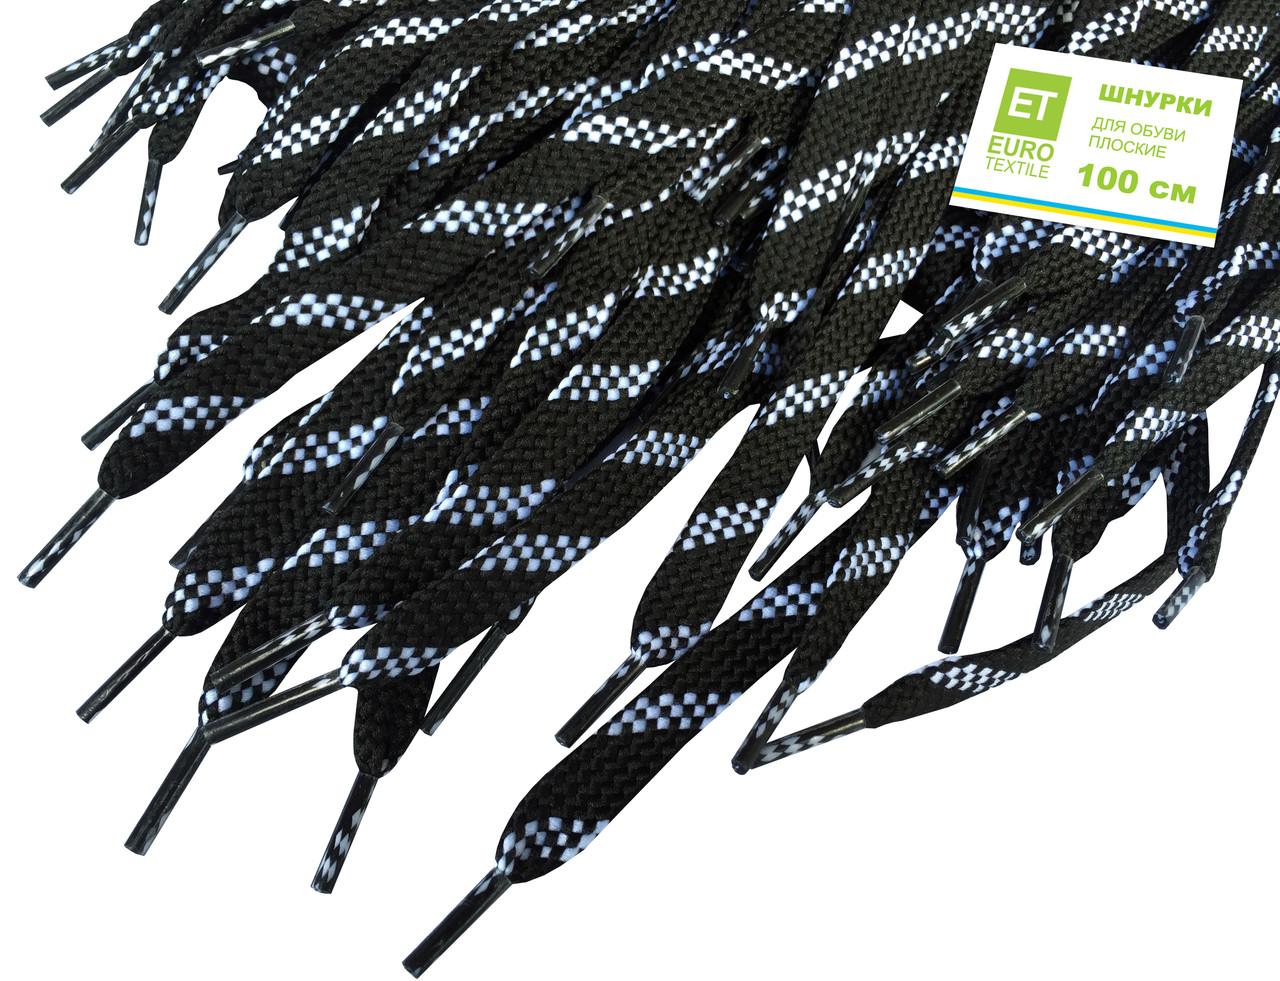 Шнурки для обуви (100см) плоские, цвет: пестрый-черный